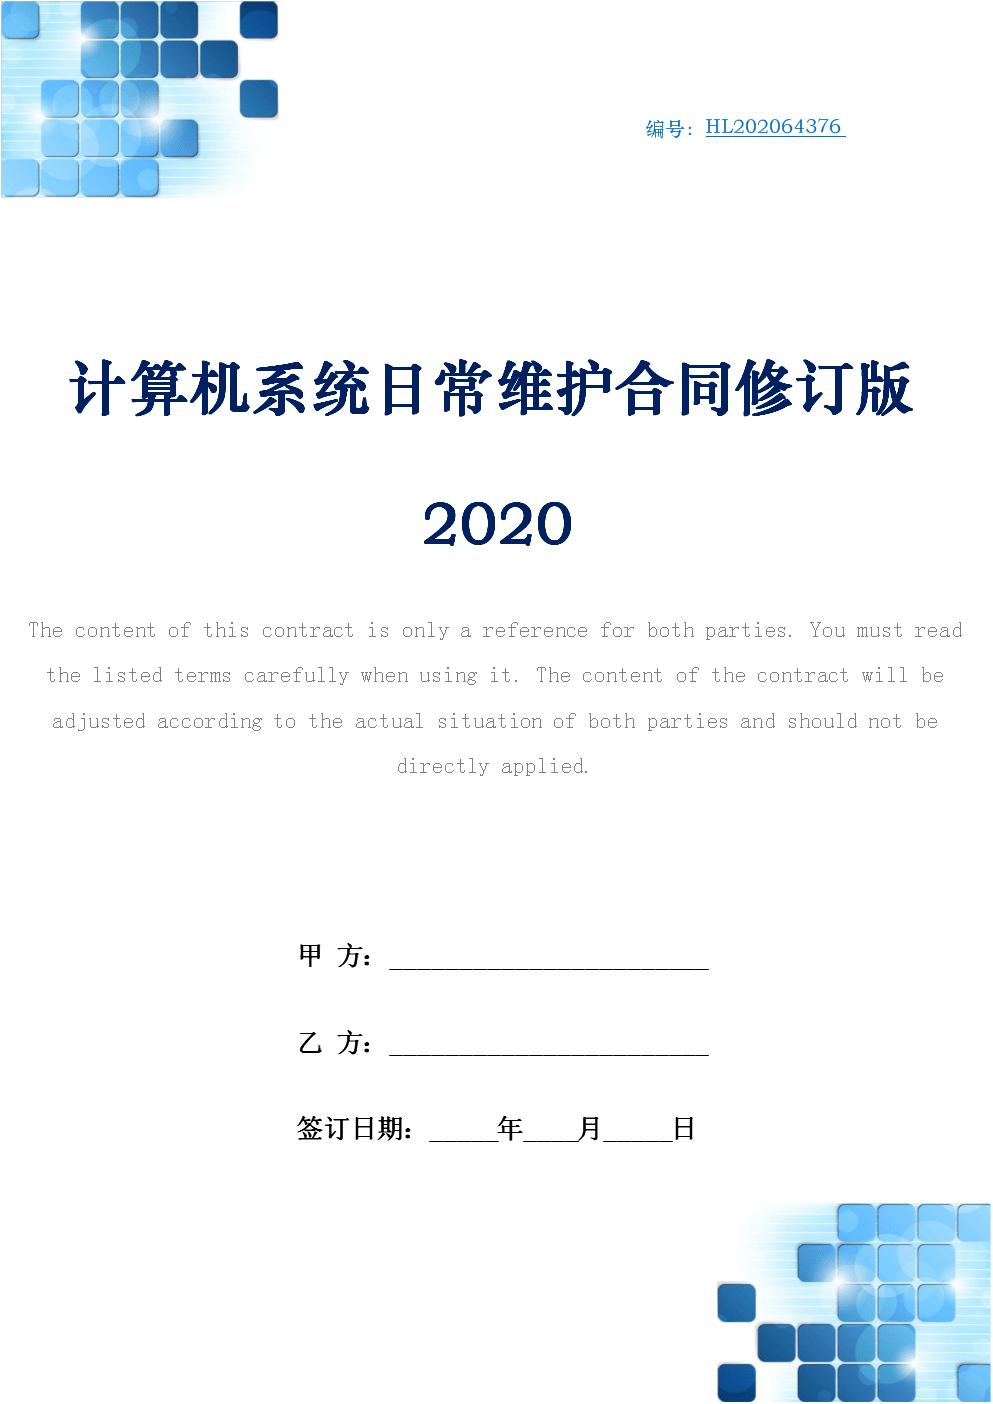 计算机系统日常维护合同修订版2020.docx